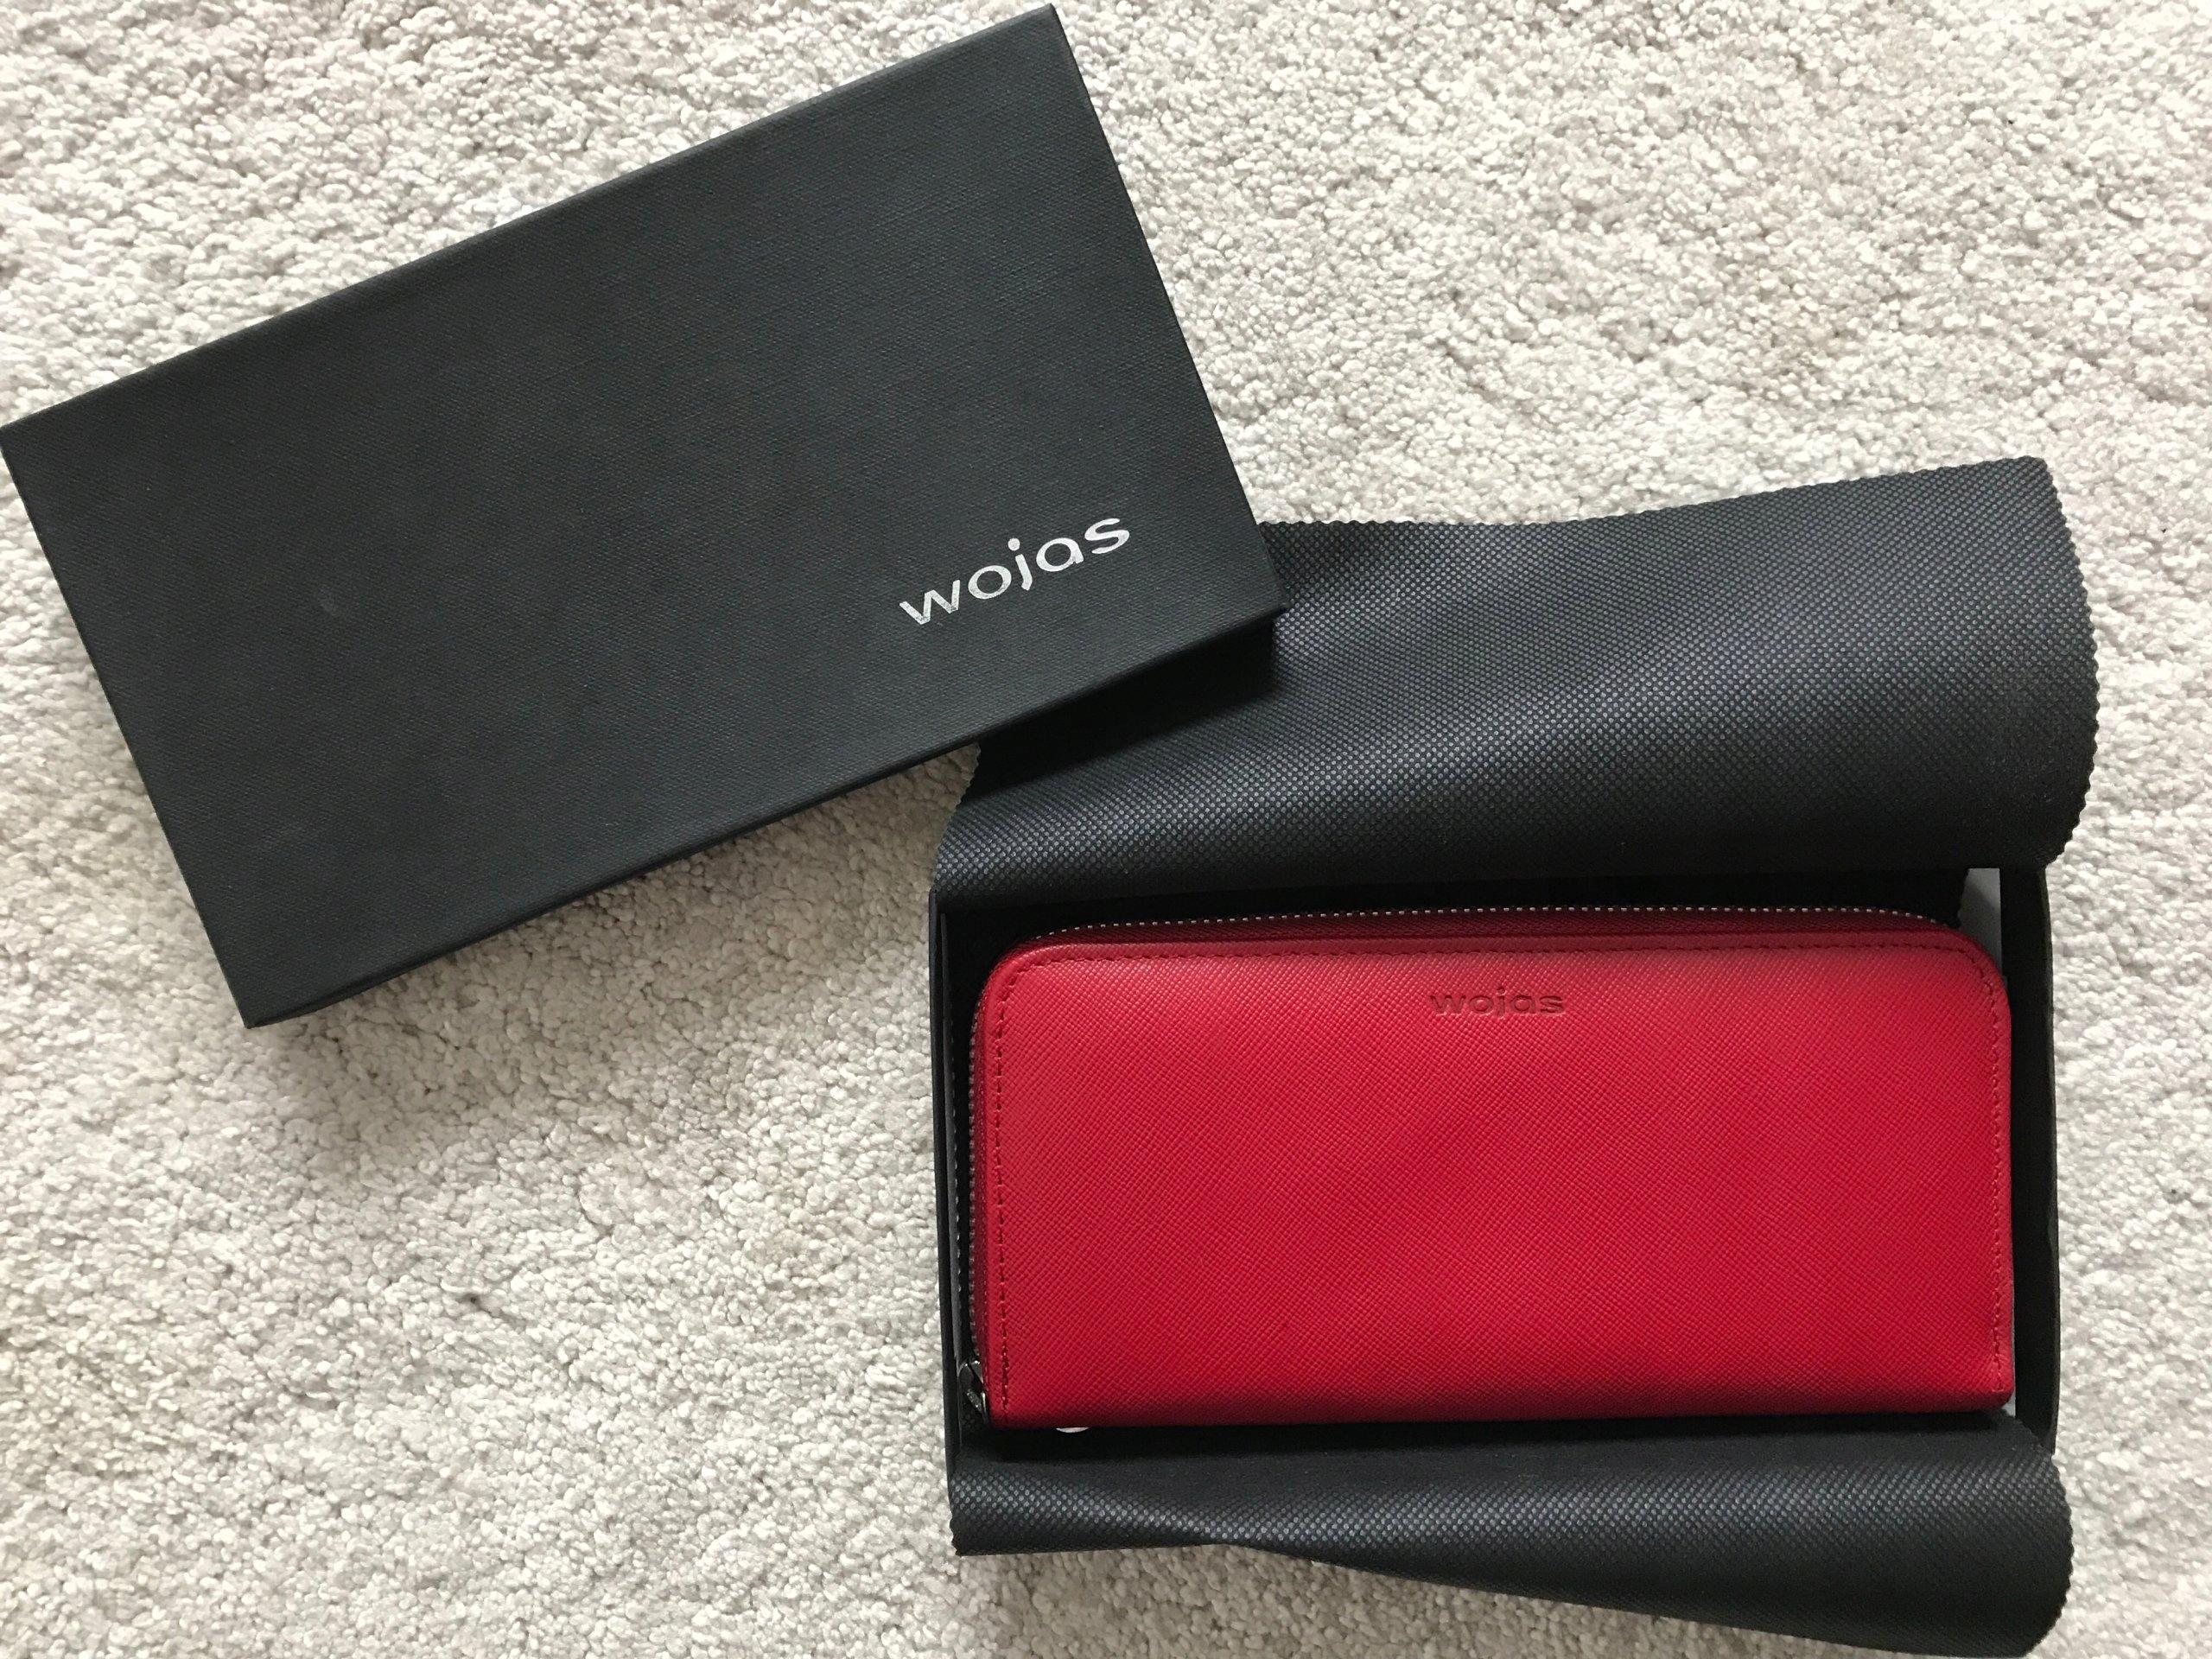 fba45435ac597 Wojas portfel damski, czerwony skóra, nowy prezent - 7445525153 ...